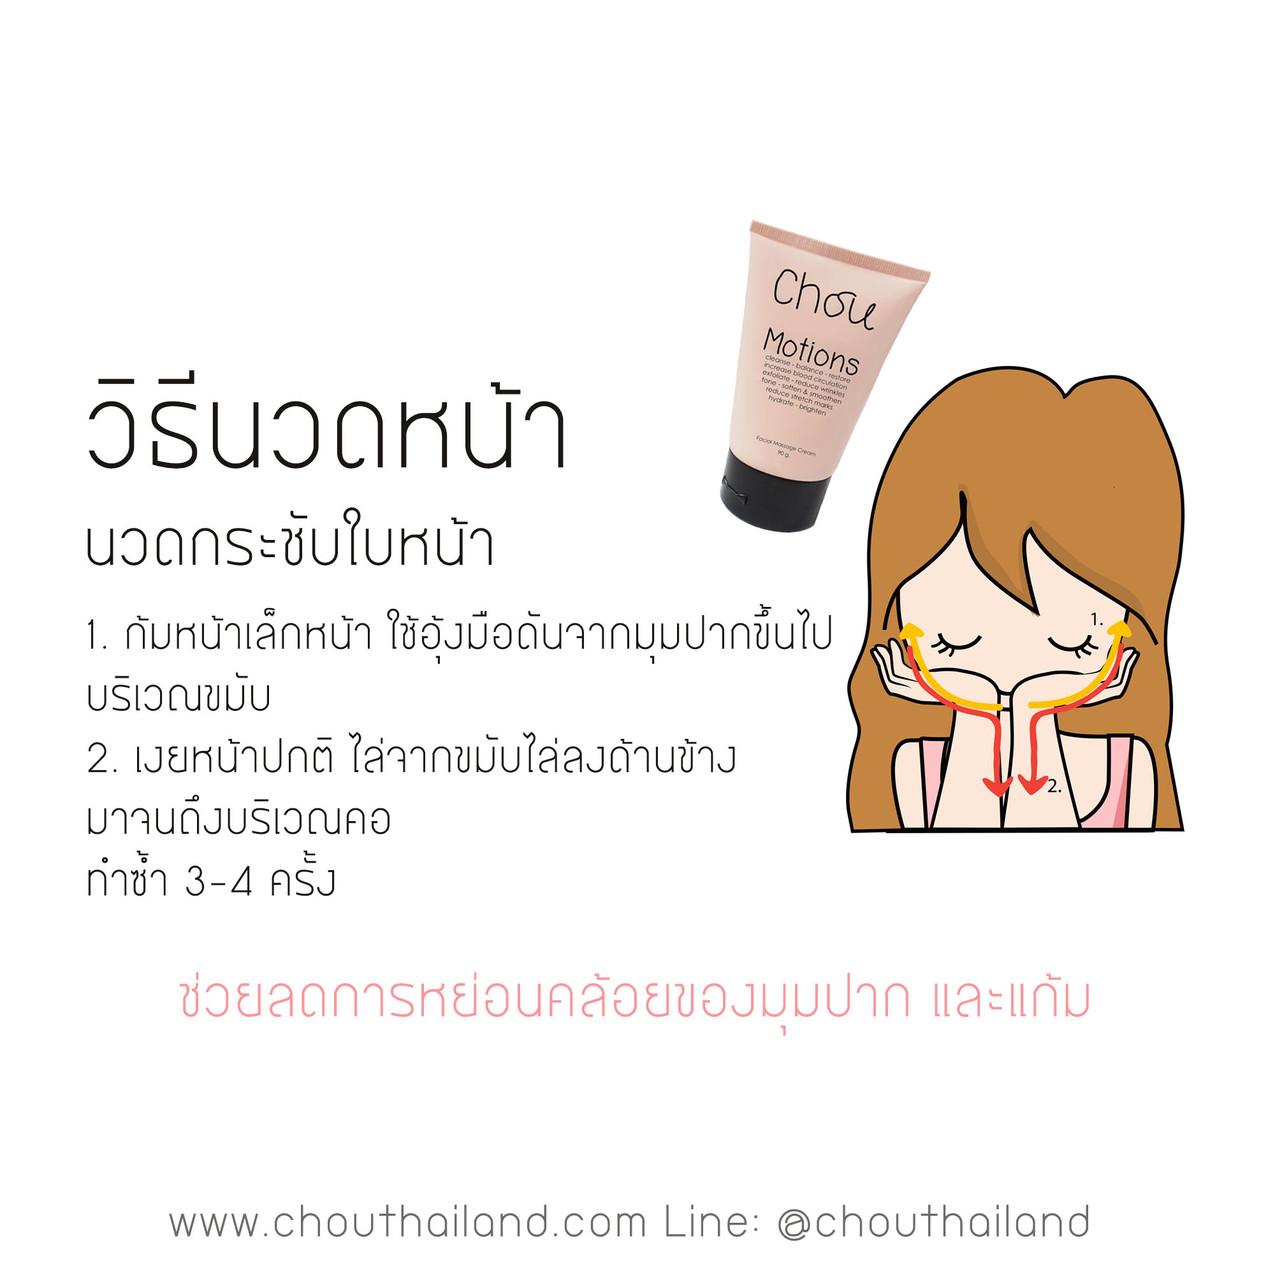 Motions Massage cream 11 shar pei massage